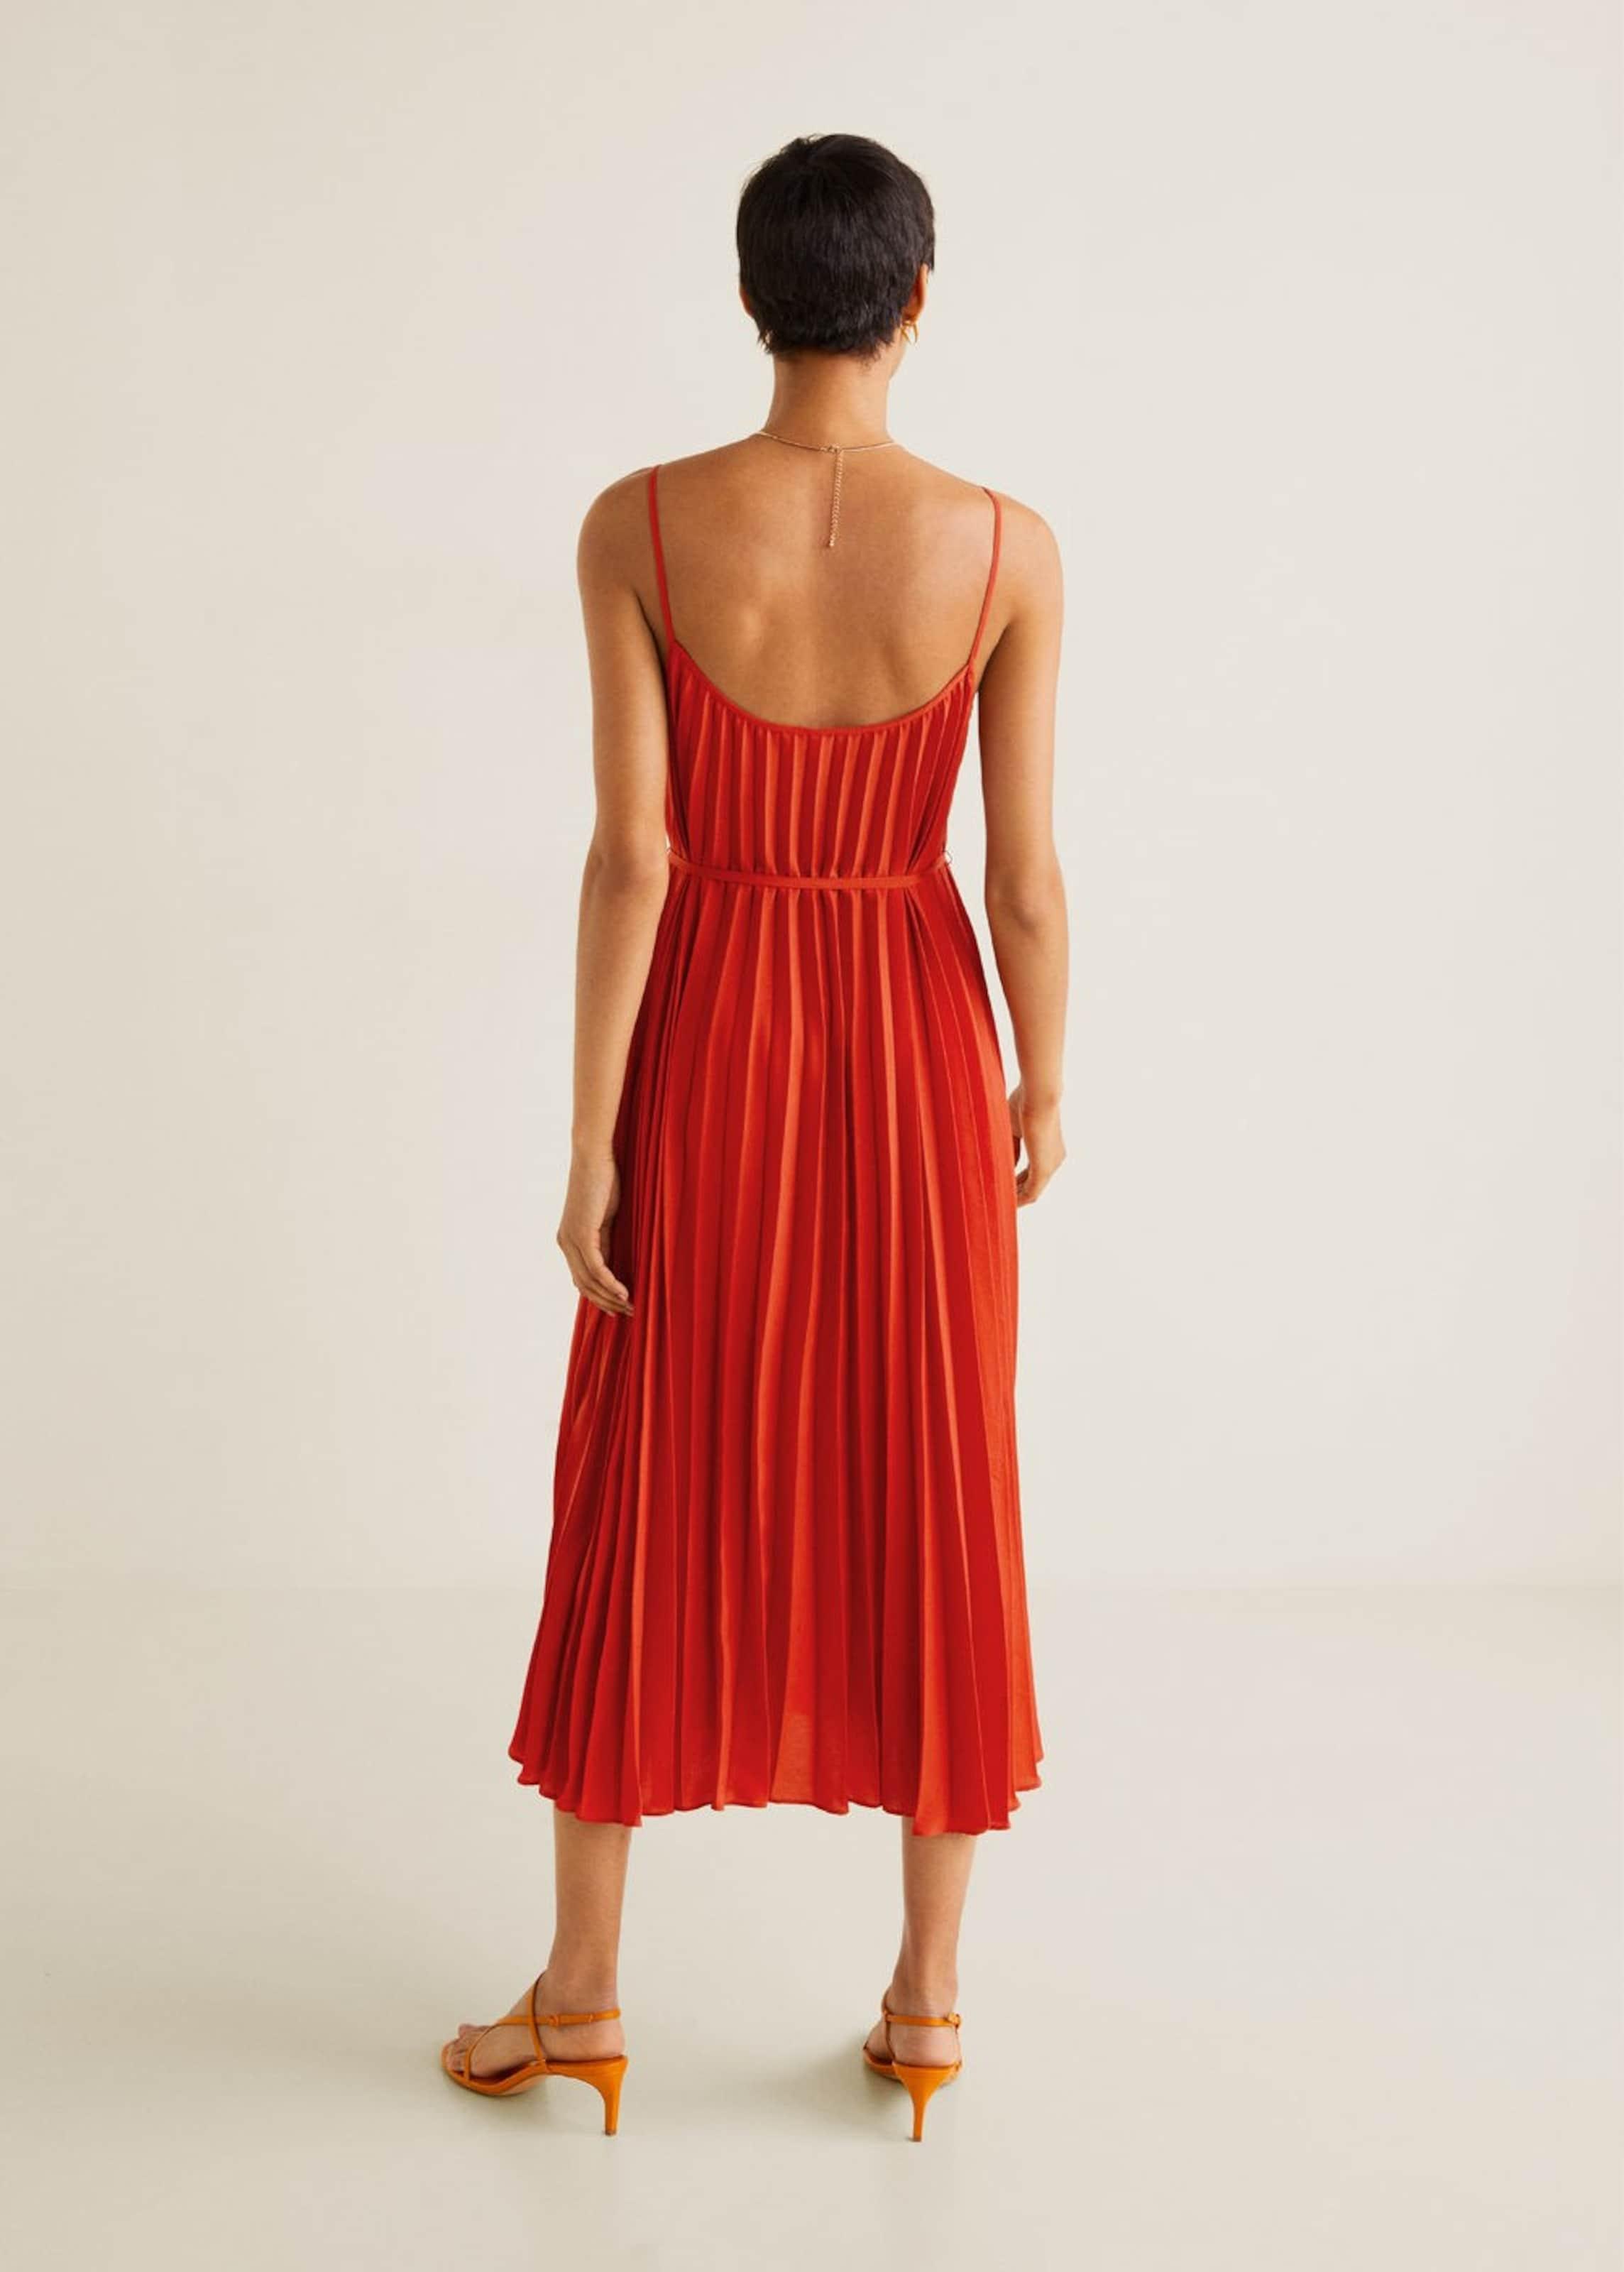 Kleid Mango 'plisado' Mango Kleid In Hellrot XwTiuZOPk